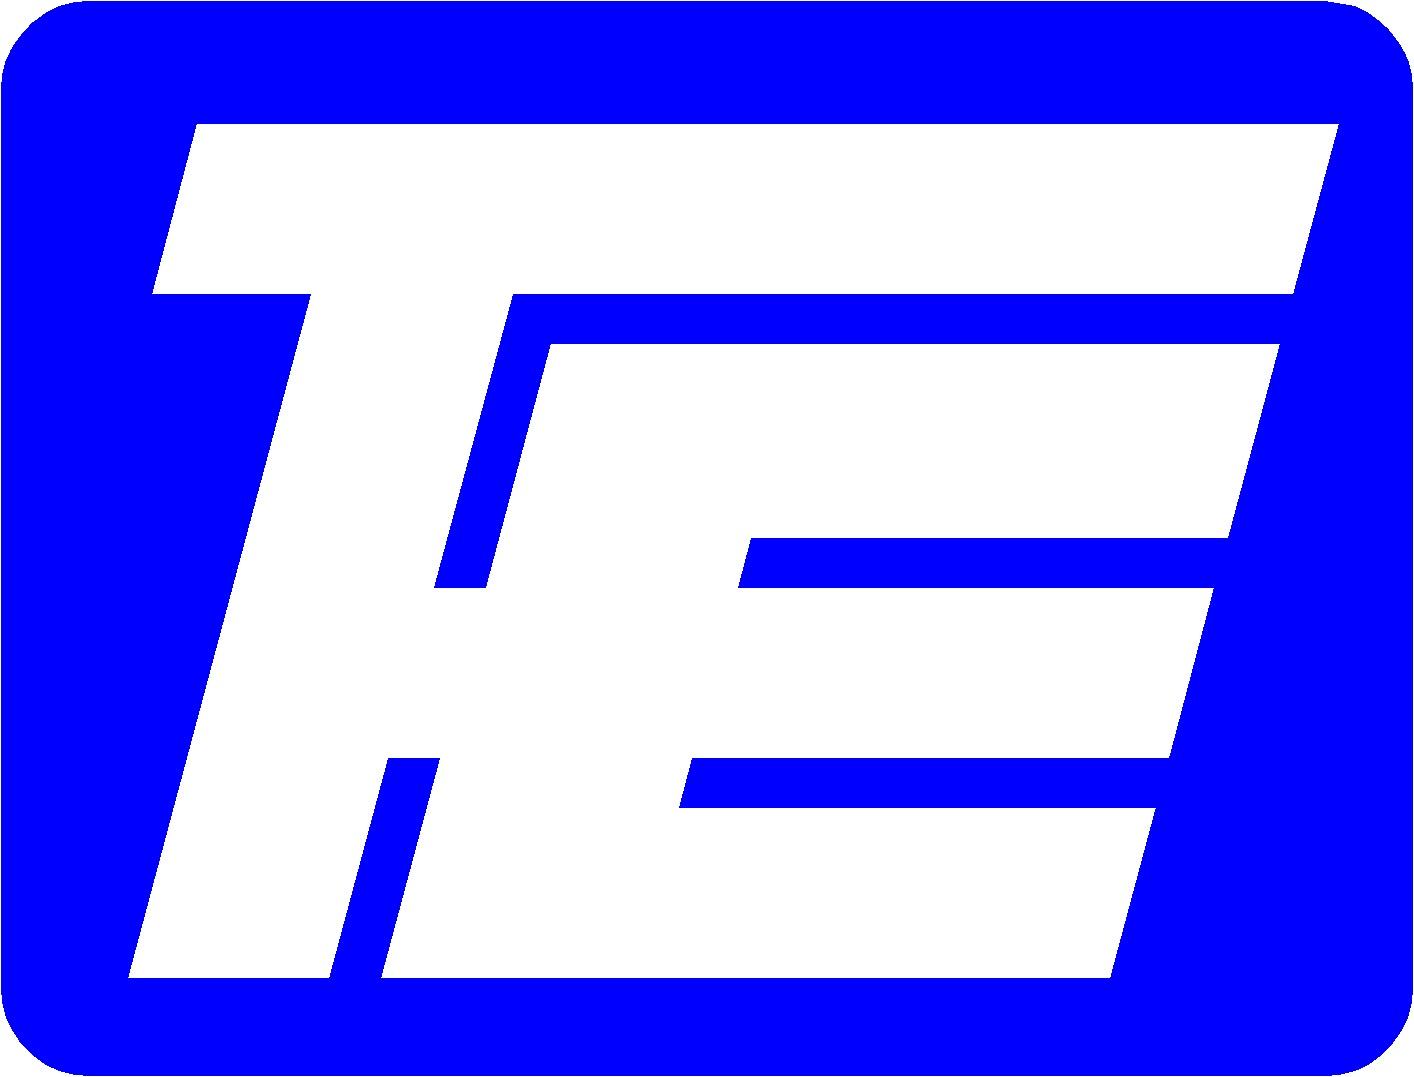 華城電機股份有限公司-Logo